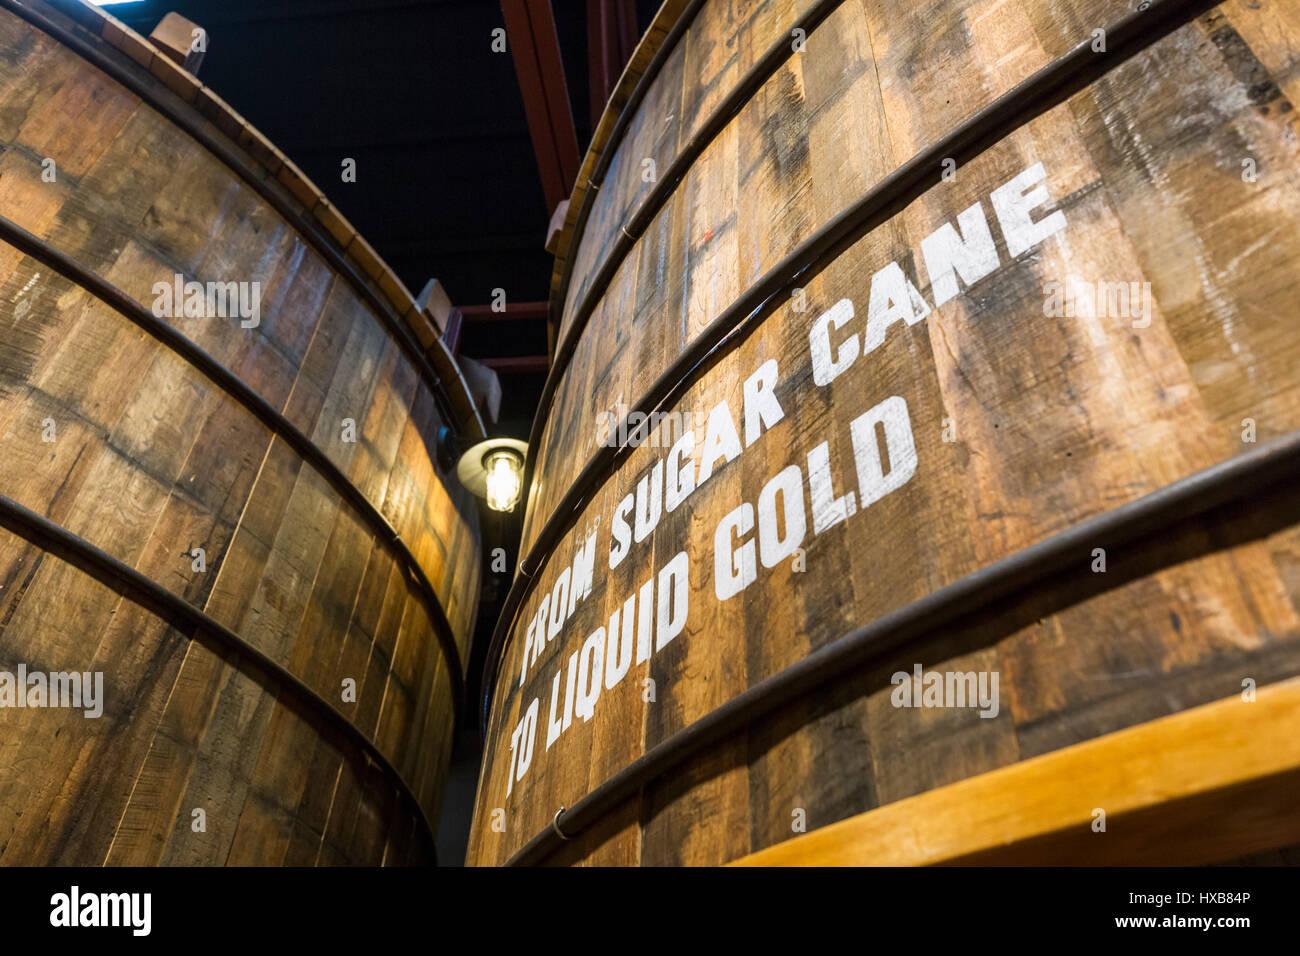 Rum Lagerung Bottiche Convetered Geschichte weist in der Bundaberg Rum-Museum-Erfahrung.  Bundaberg, Queensland, Stockbild